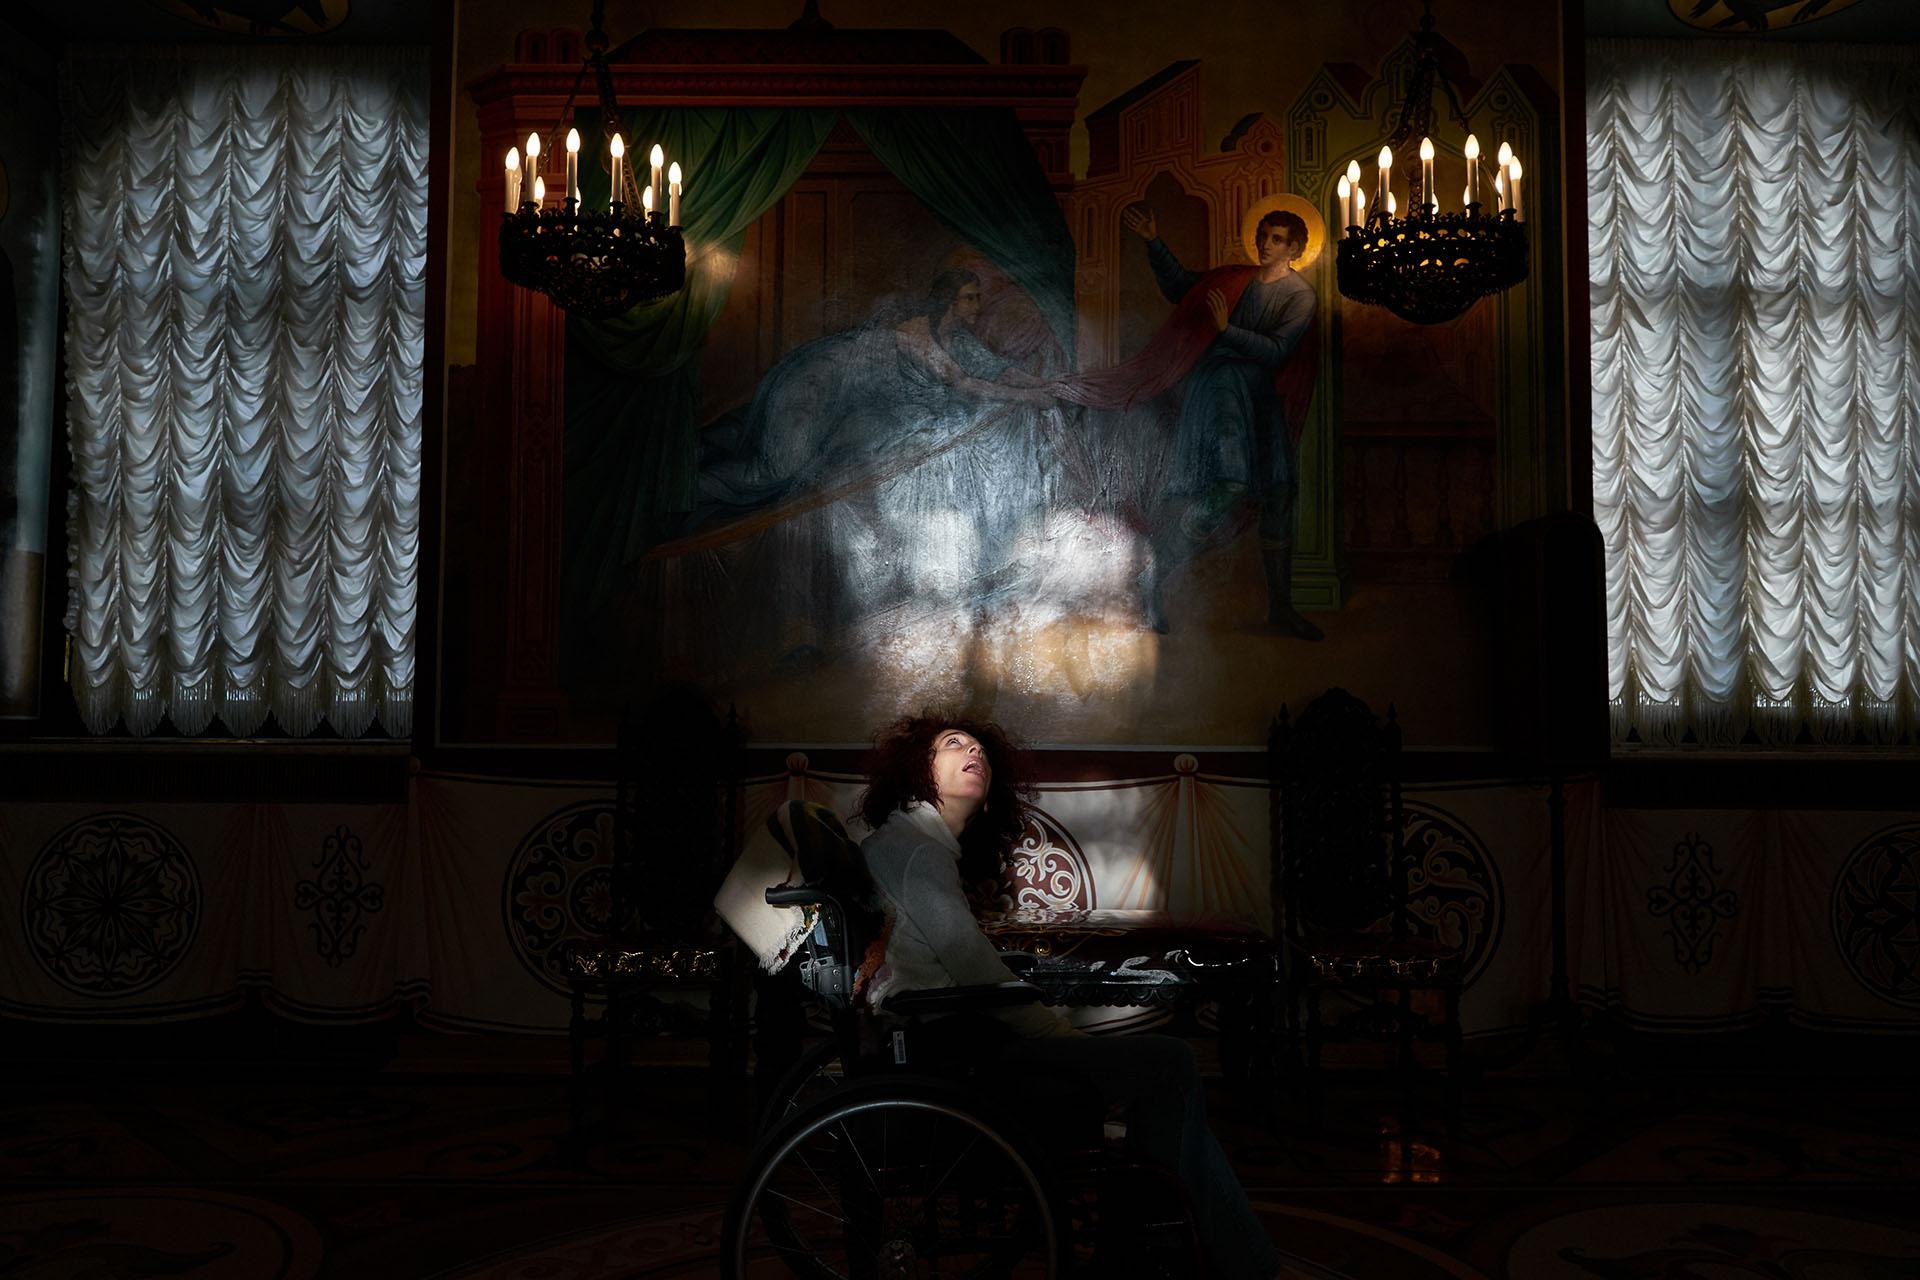 Letizia-Story-of-unseen-lives_ph_Danilo Garcia Di Meo_26